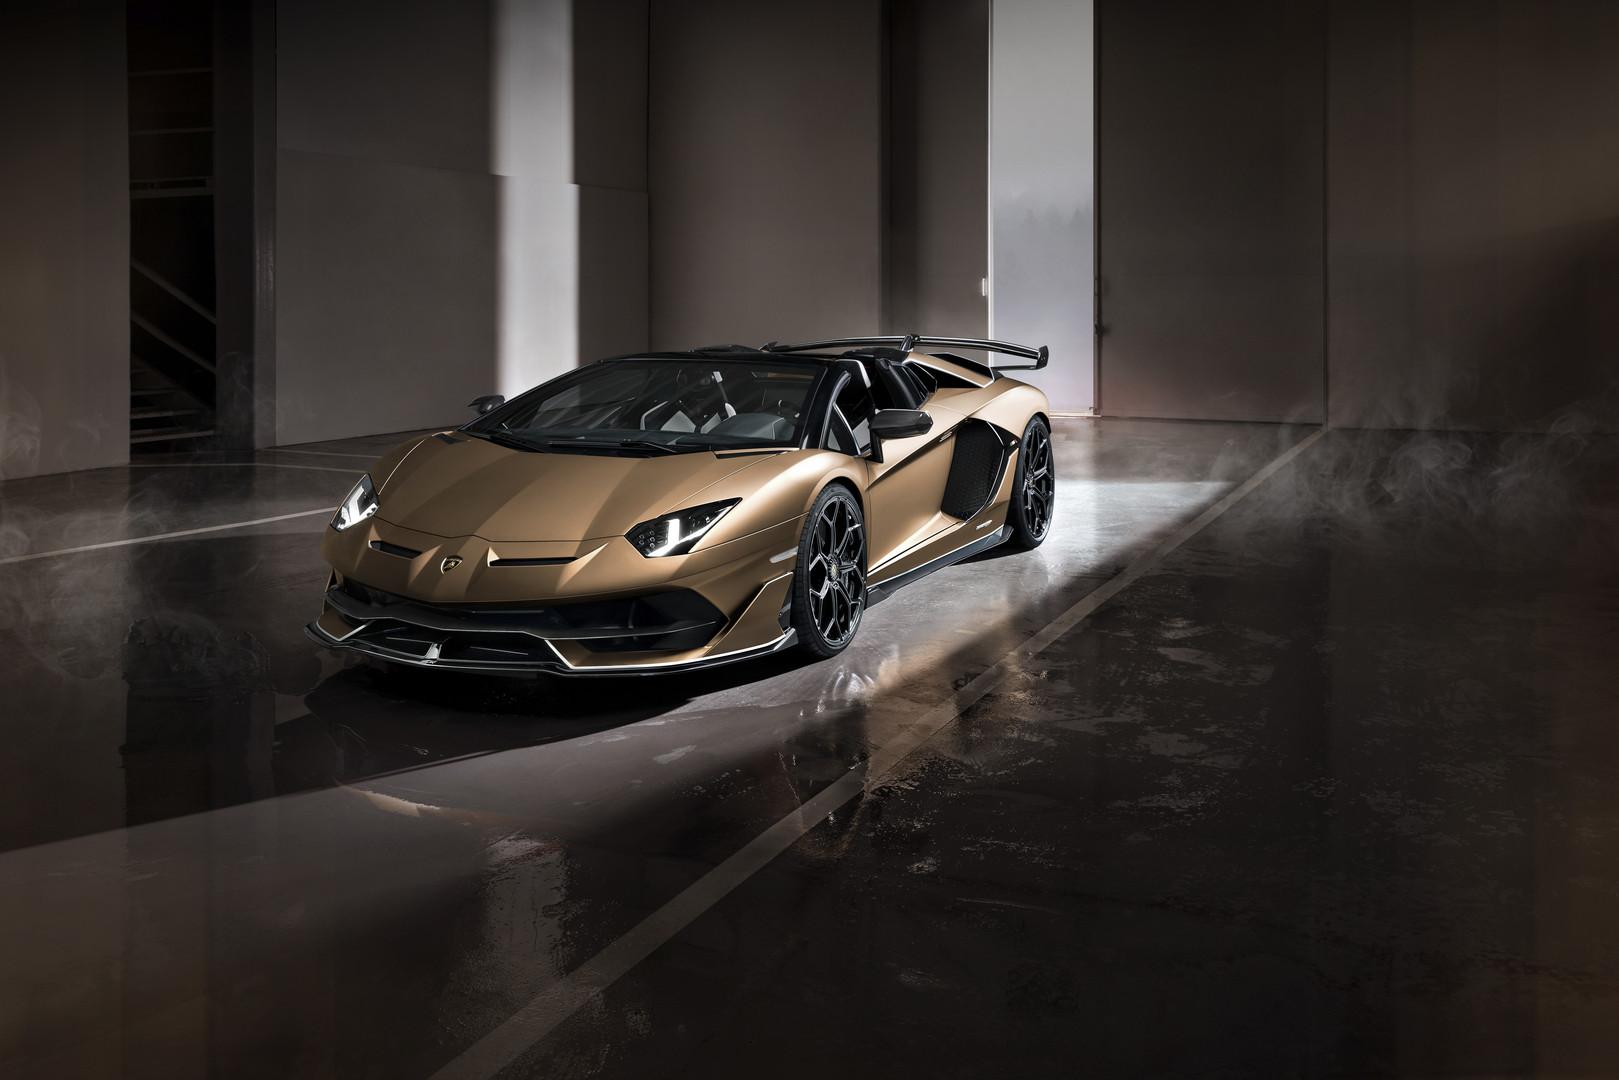 Lamborghini Aventador SVJ Roadster Bronzo Zenas